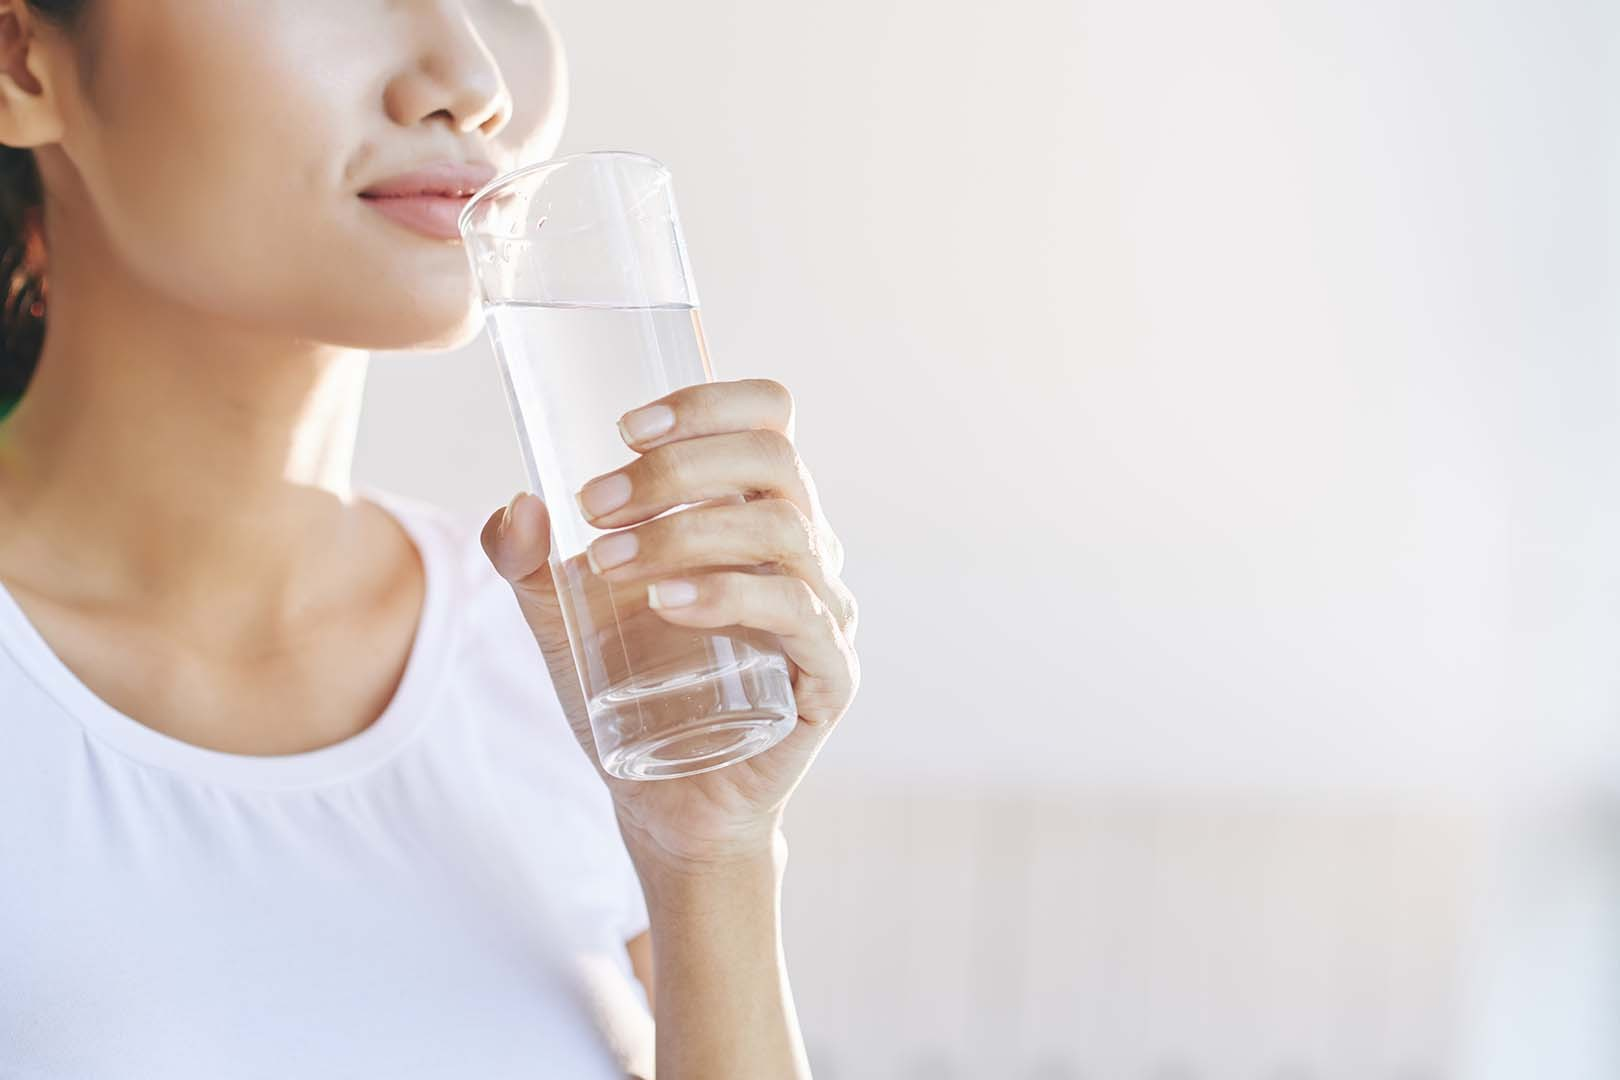 Kapan Waktu yang Tepat Untuk Minum Air Putih? - Jovee.id